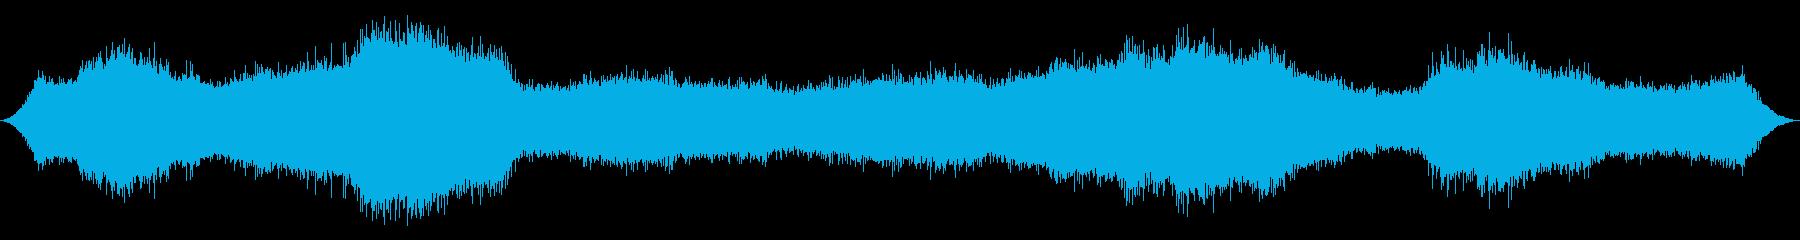 木々の間の重海風の再生済みの波形